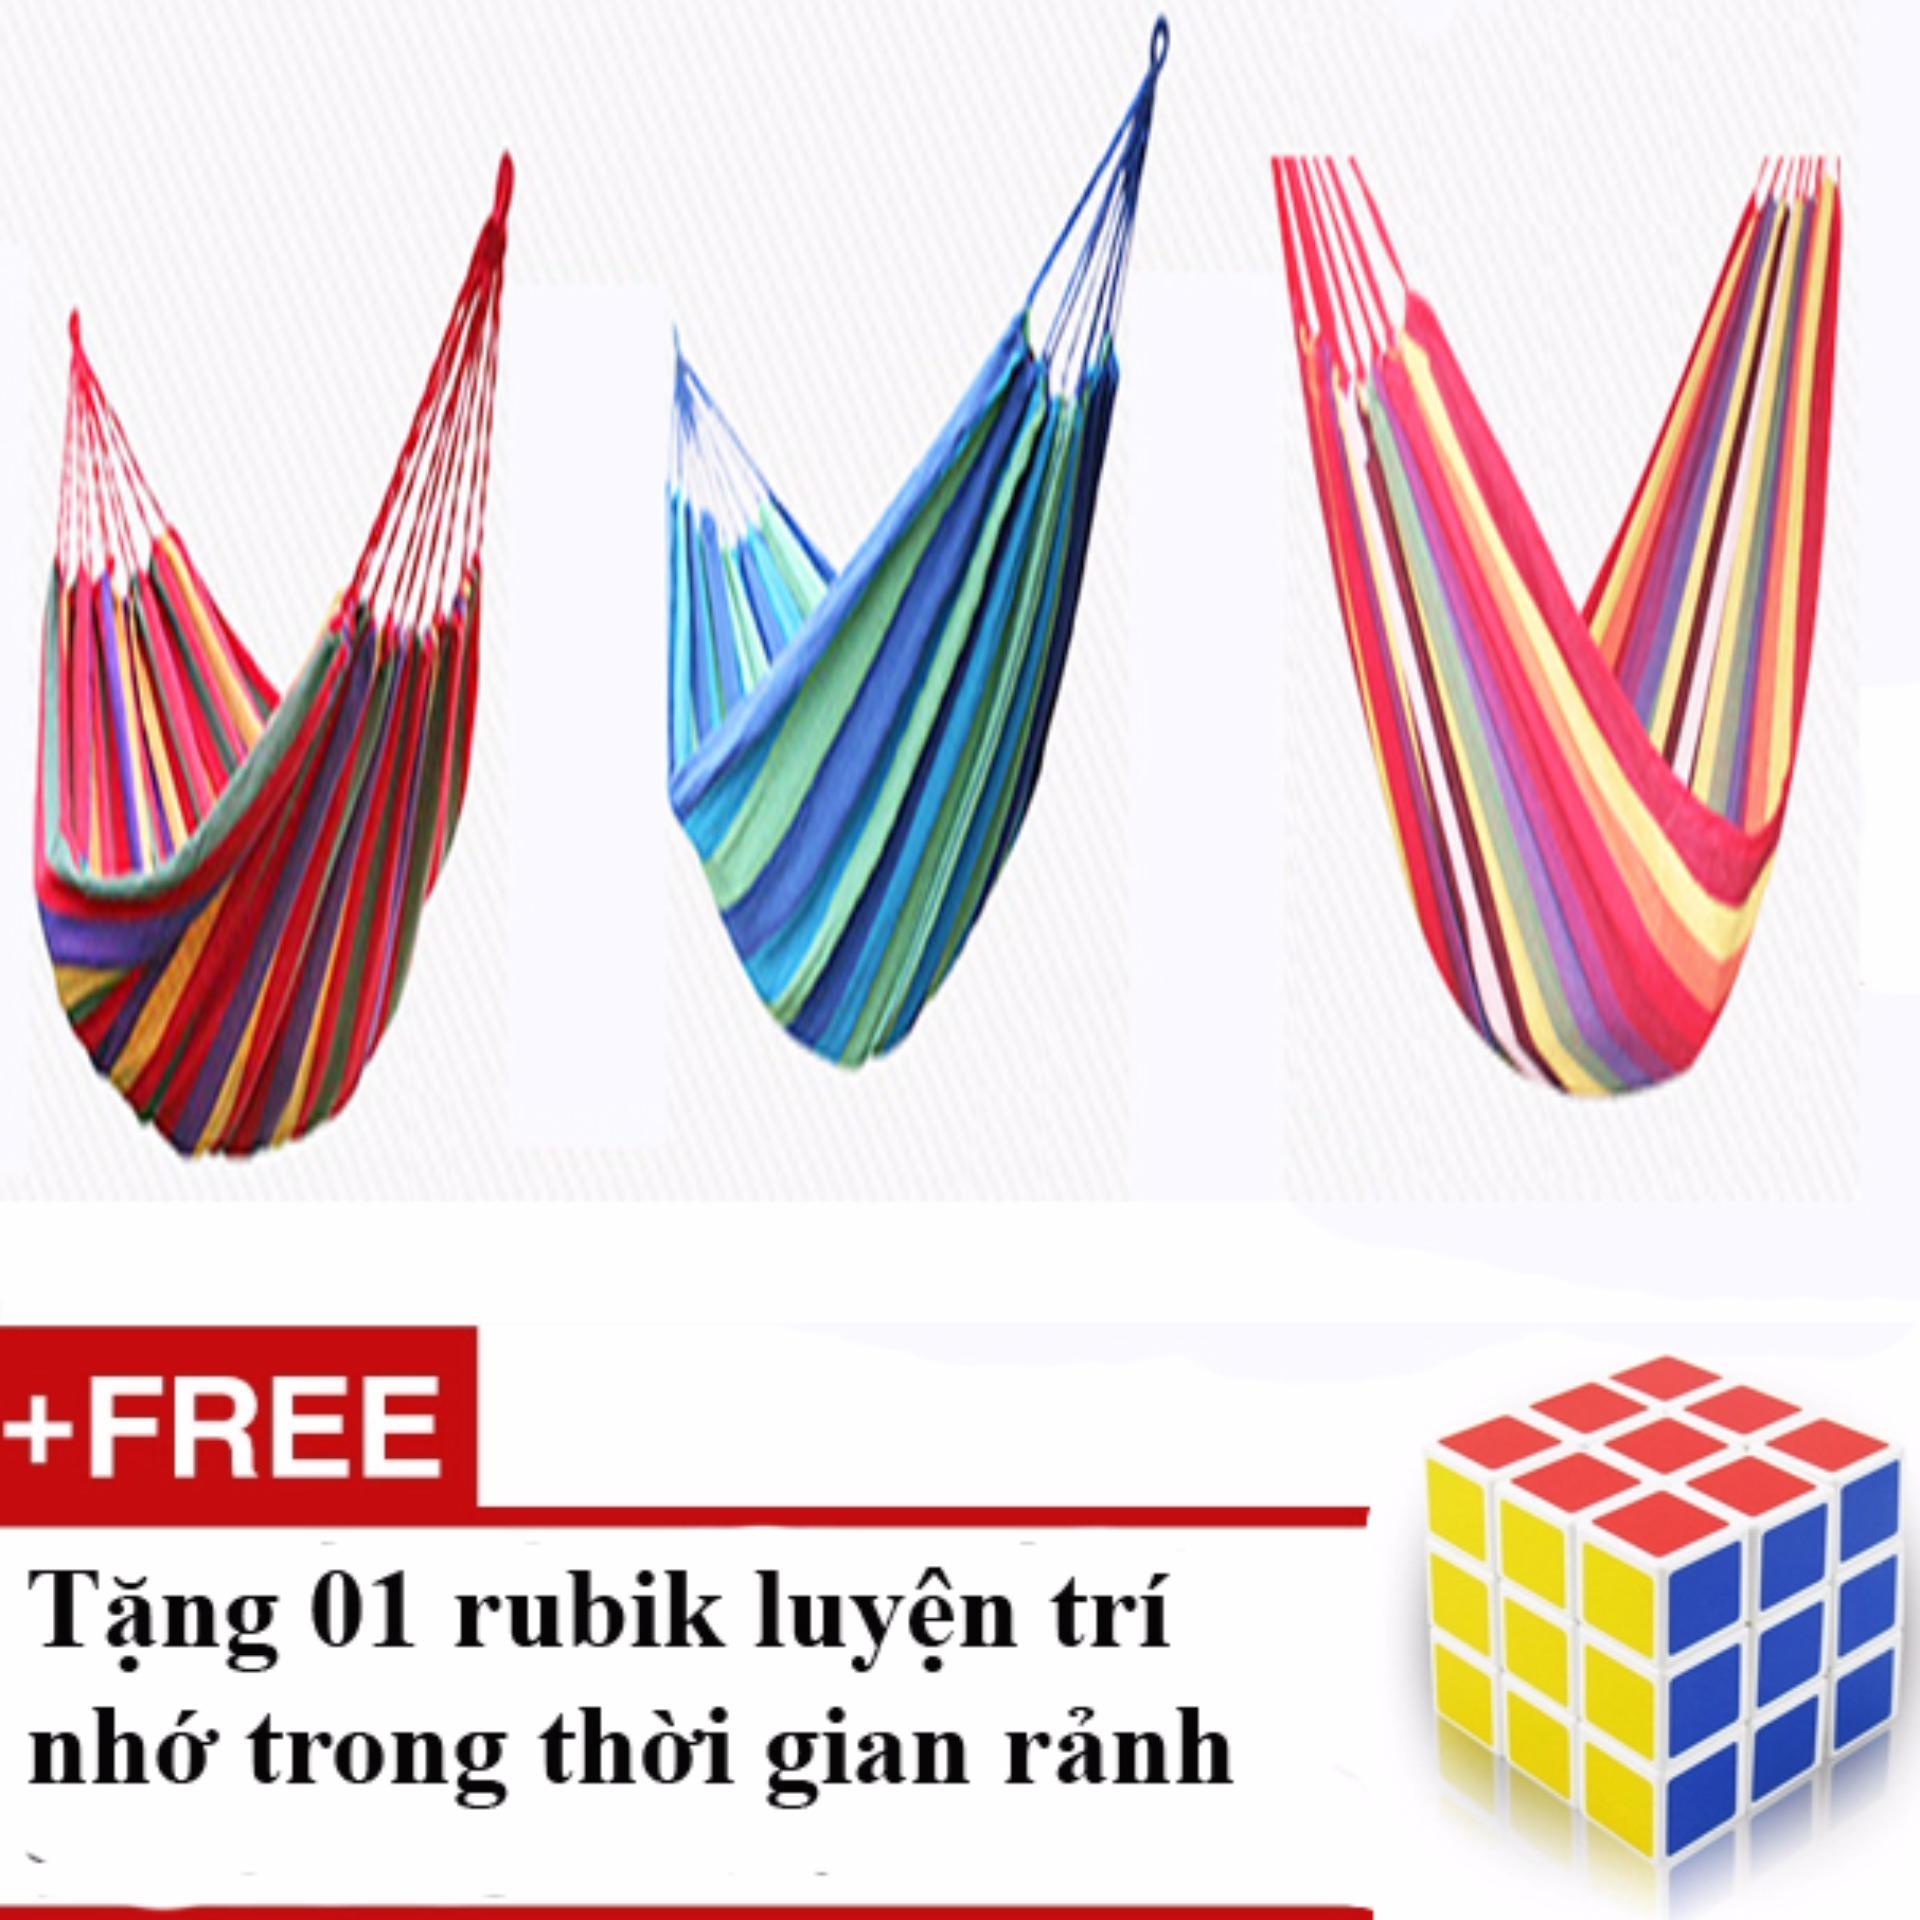 Bộ Võng du lịch sợi đan cao cấp YY016 (280x150cm)+ Tặng 01 Rubik trơn, nhạy